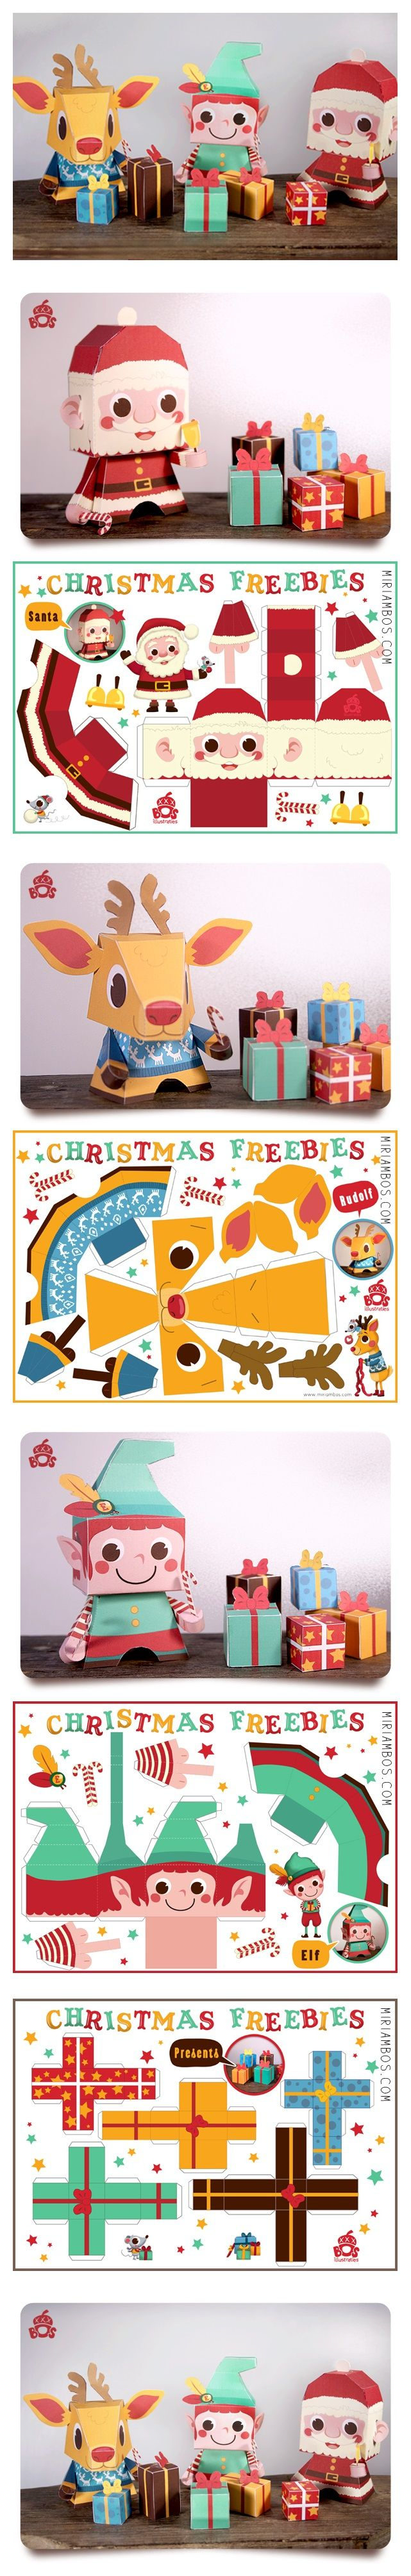 как сделать новогодние игрушки из бумаги